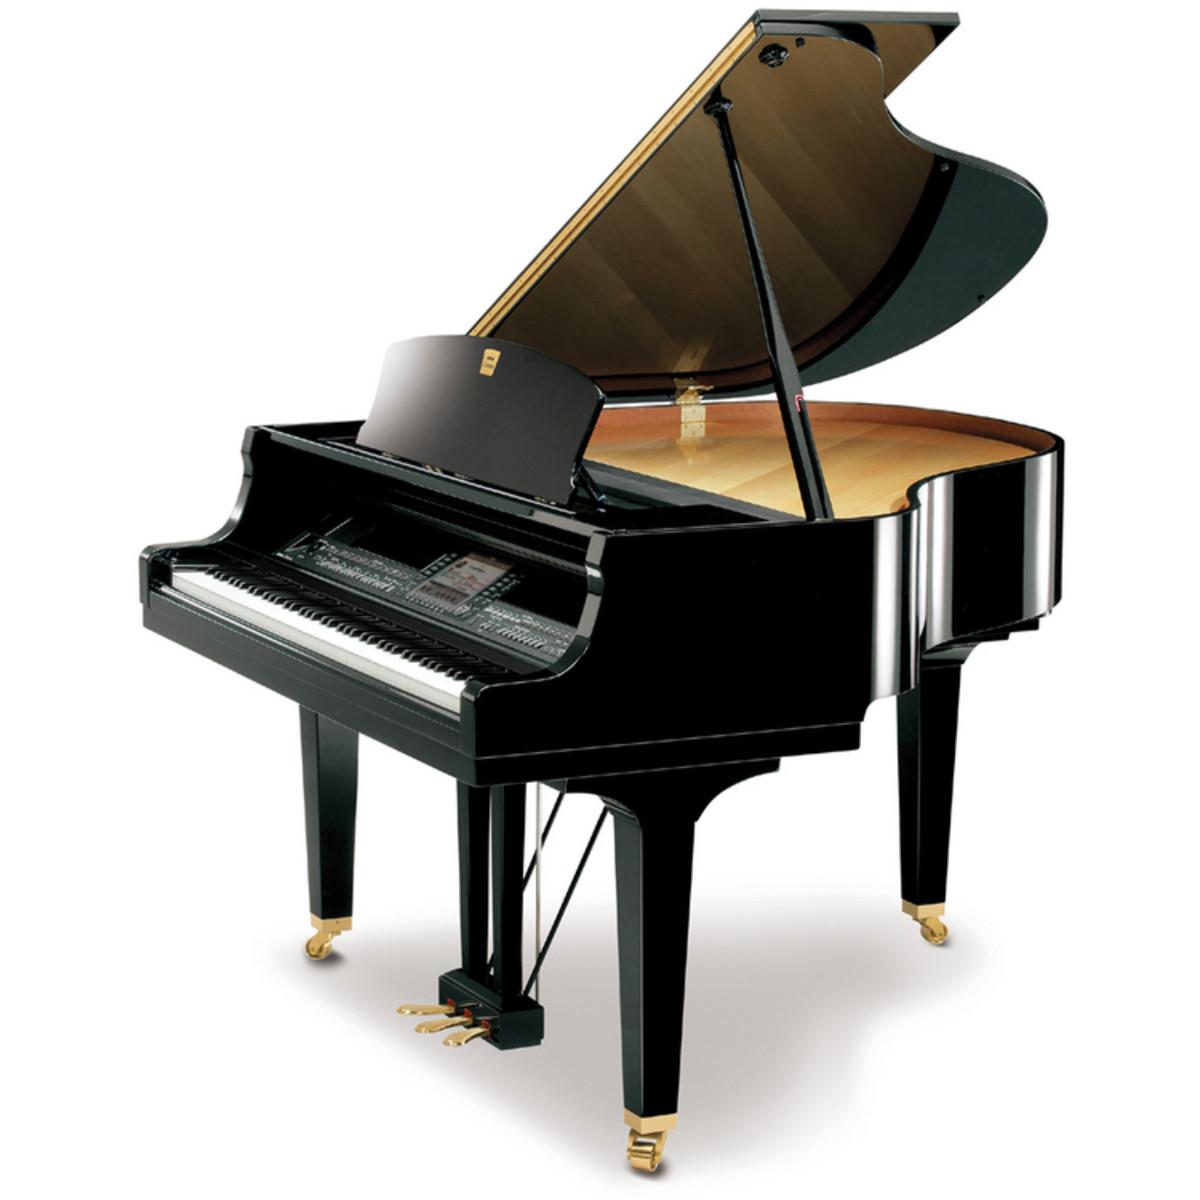 Disc Yamaha Clavinova CGP1000 Digital Grand Piano, Ebony at ...